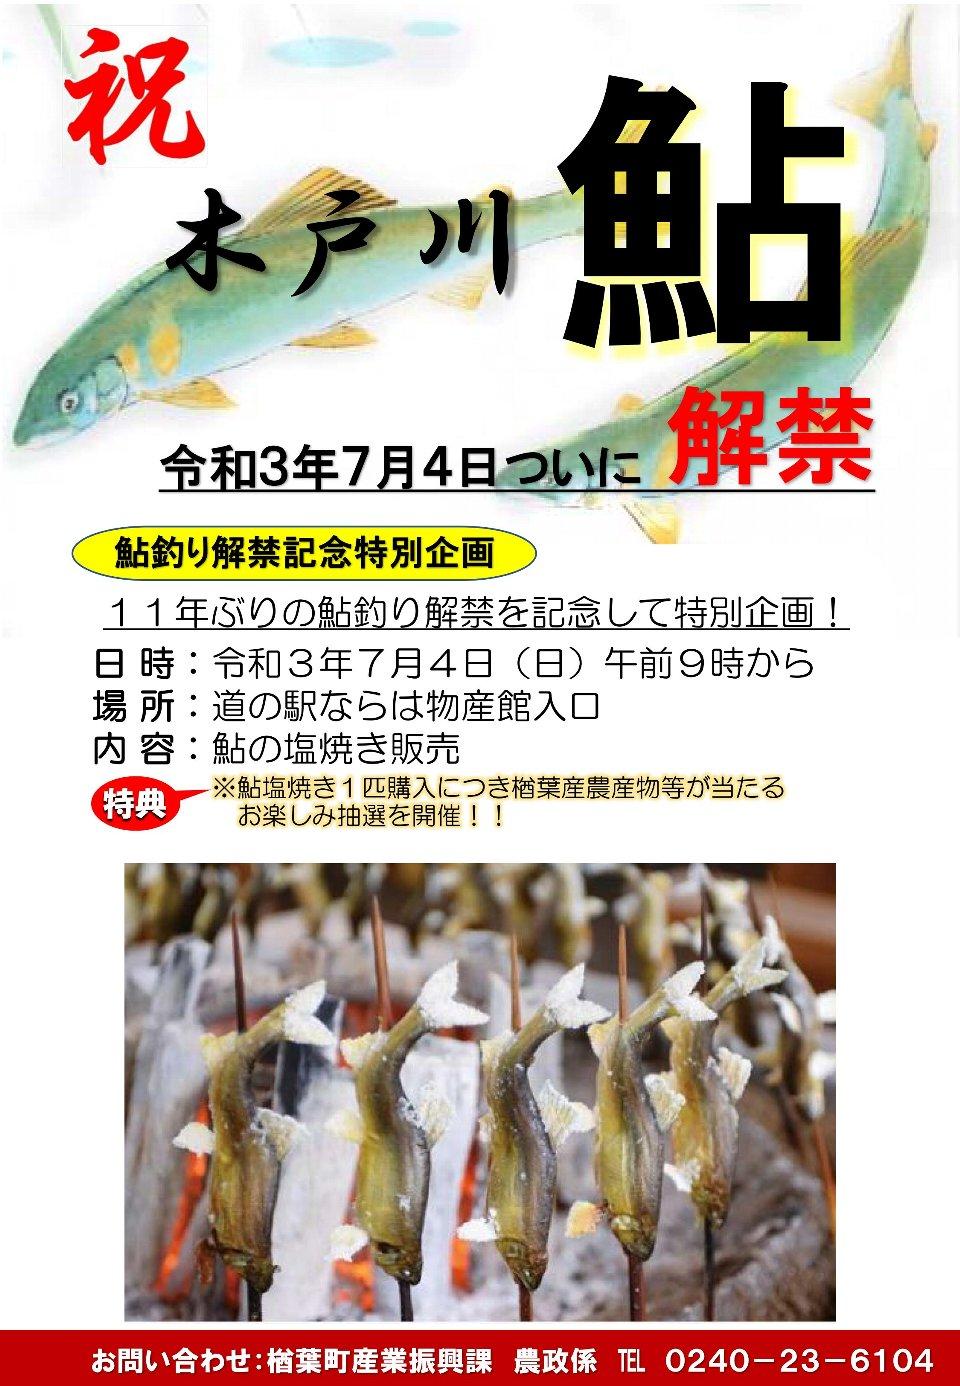 木戸川 解禁1